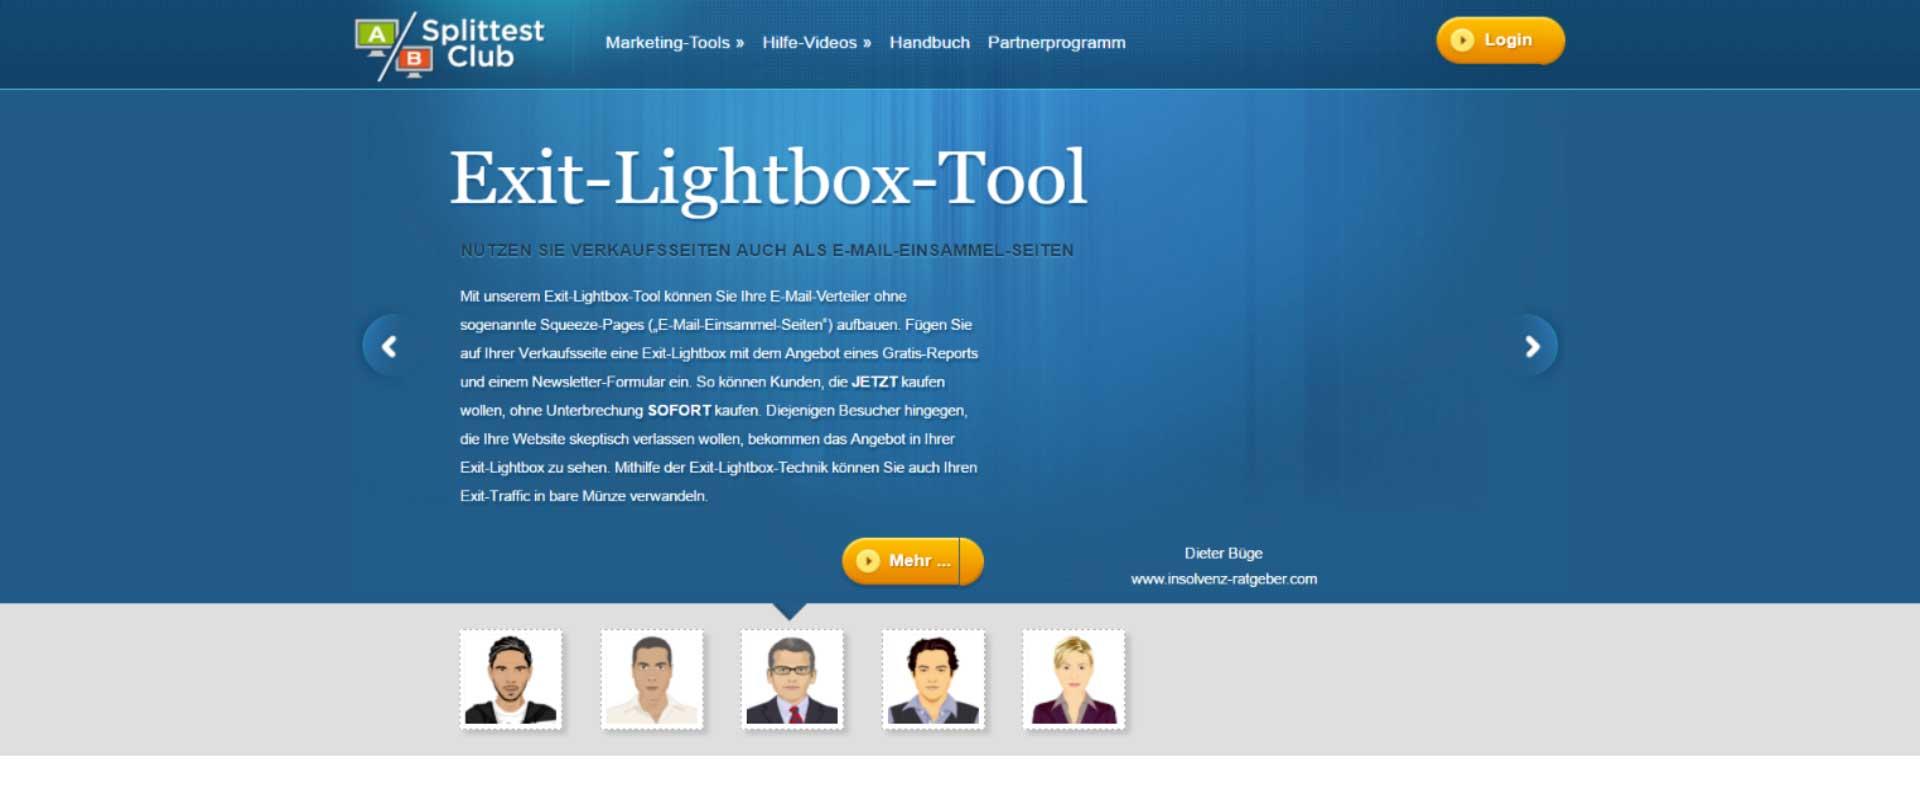 Das-Exit-Lightbox-Tool